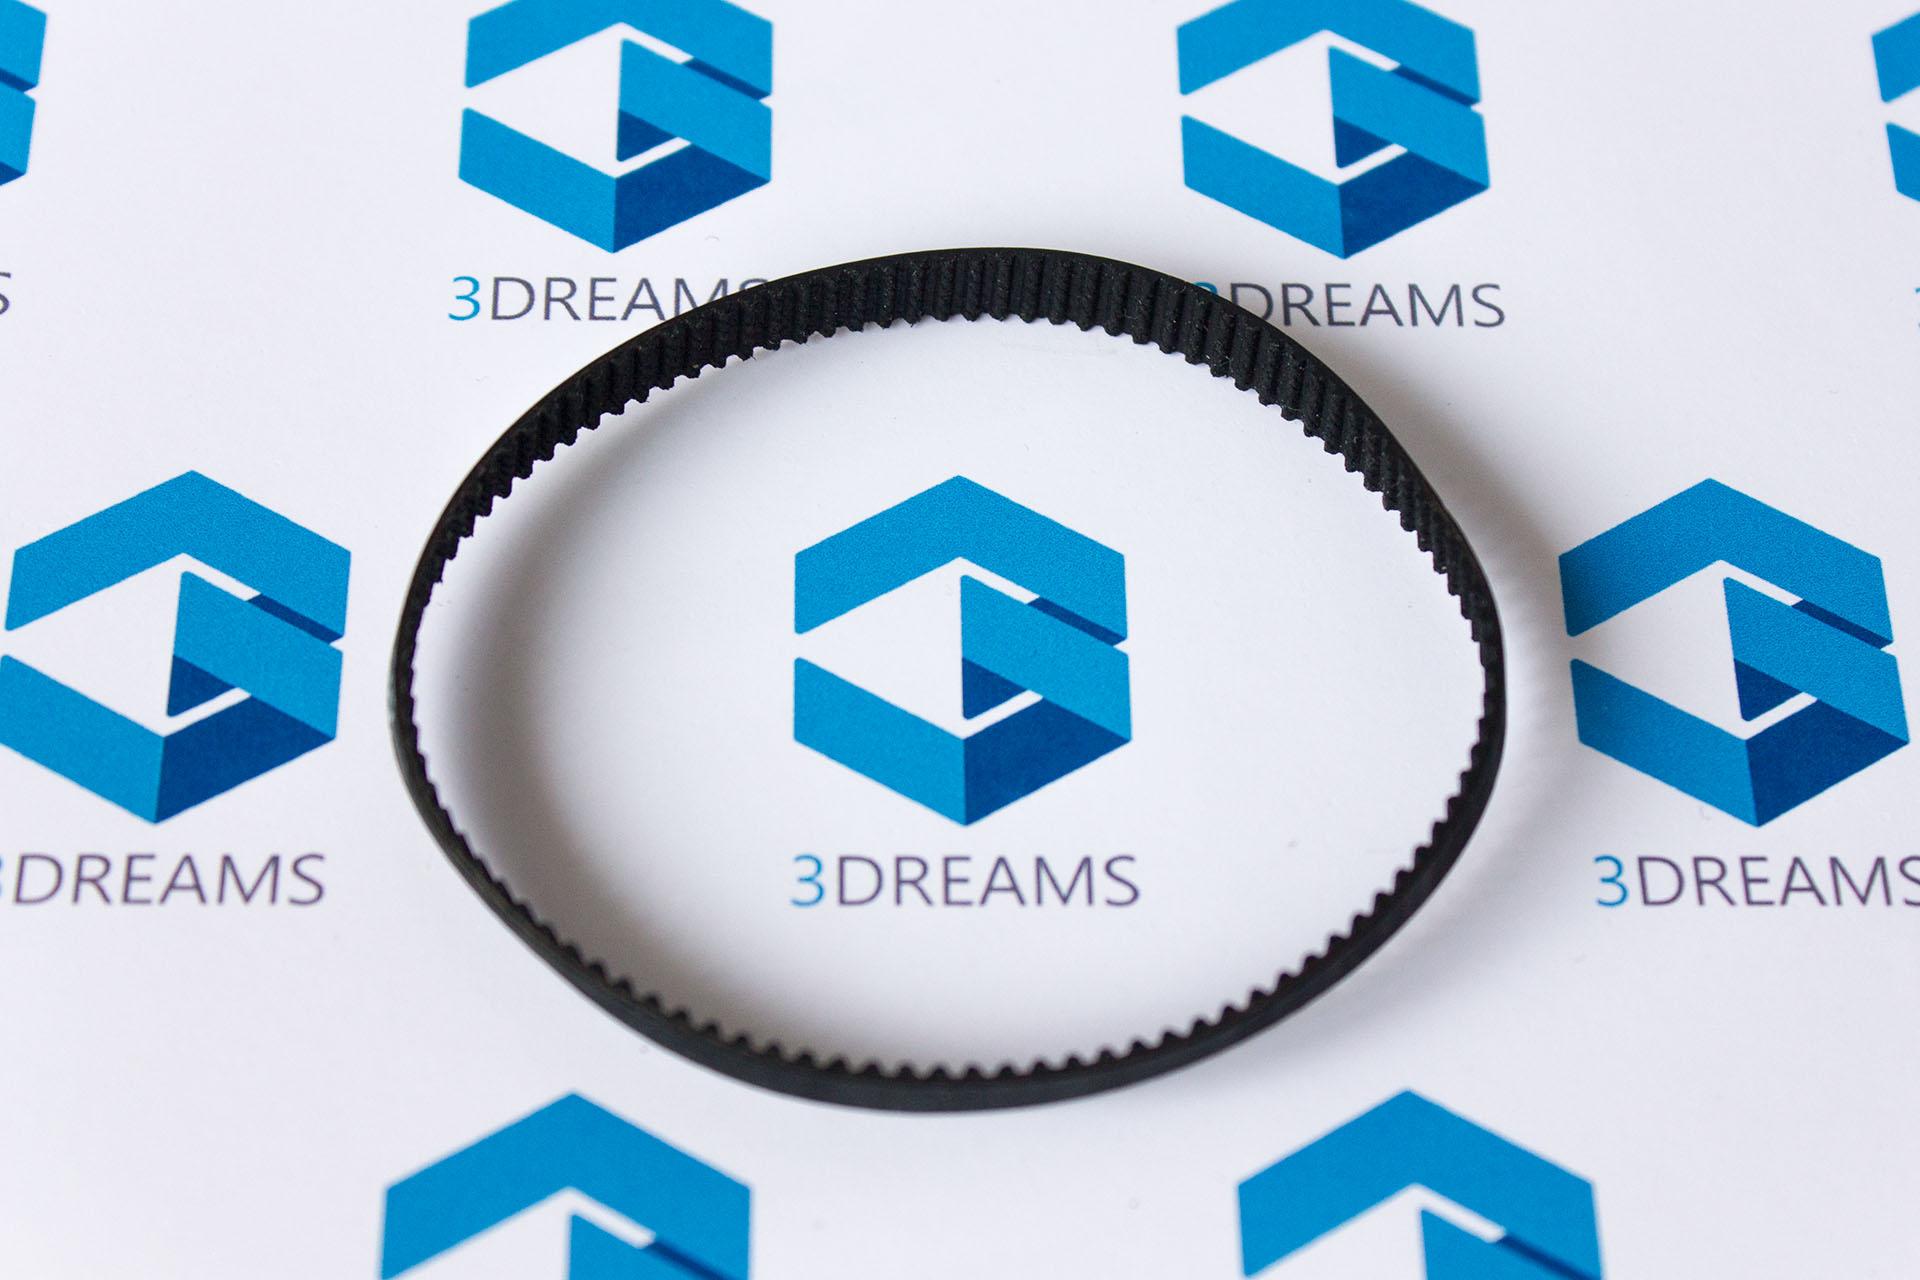 Зубчатый ремень GT2 замкнутый (кольцевой) для 3D принтера купить киев харьков днепр одесса запорожье львов 1